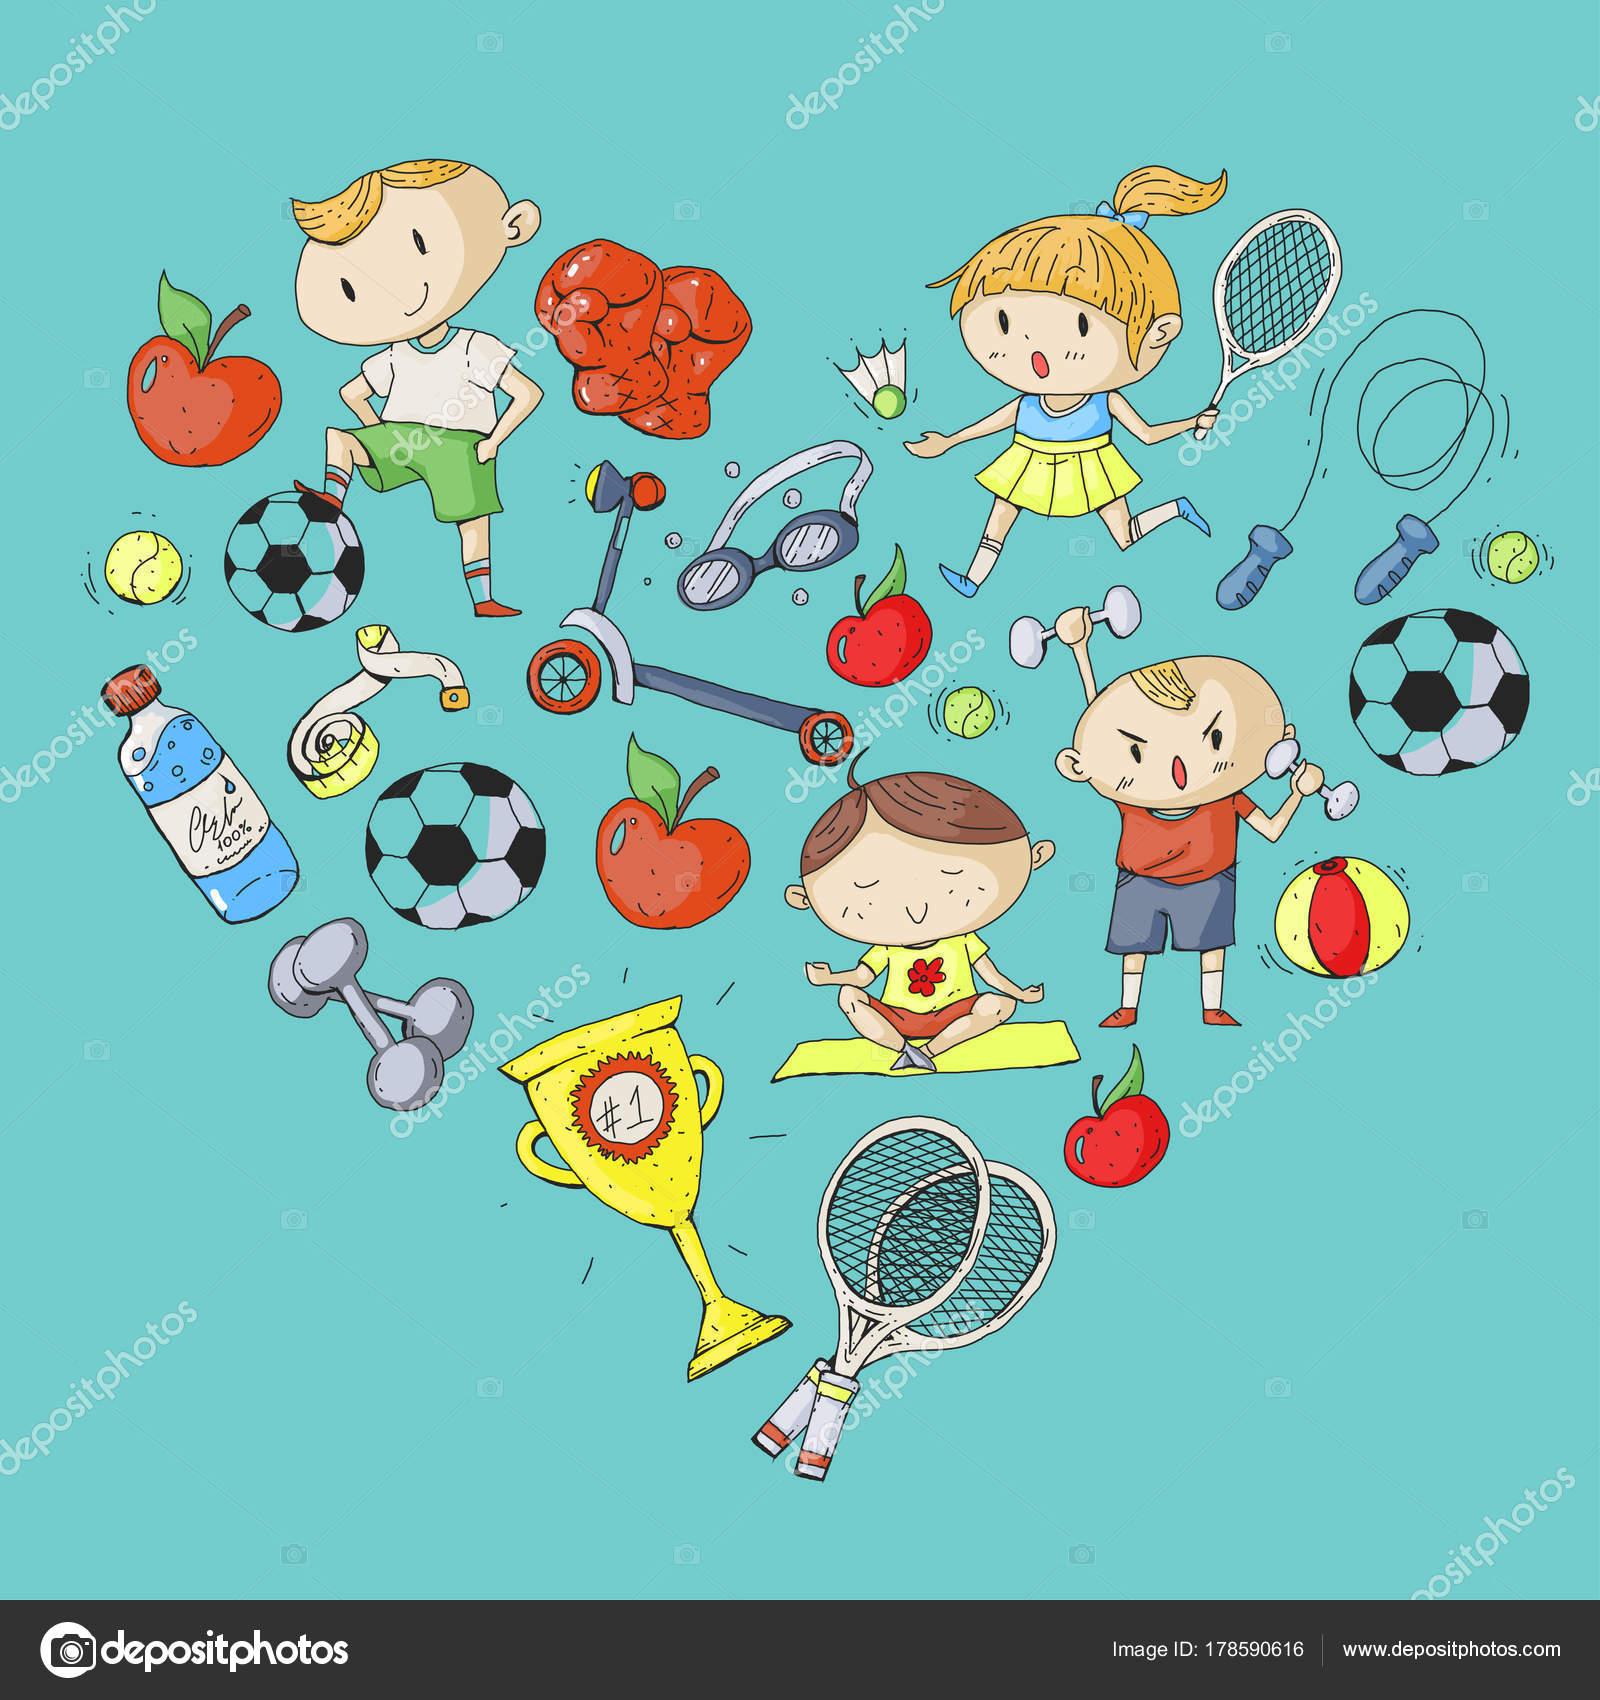 Children Sport Kids Drawing Kindergarten School College Preschool Soccer Football Tennis Running Boxing Rugby Yoga Swimming Stock Vector C Helen F 178590616